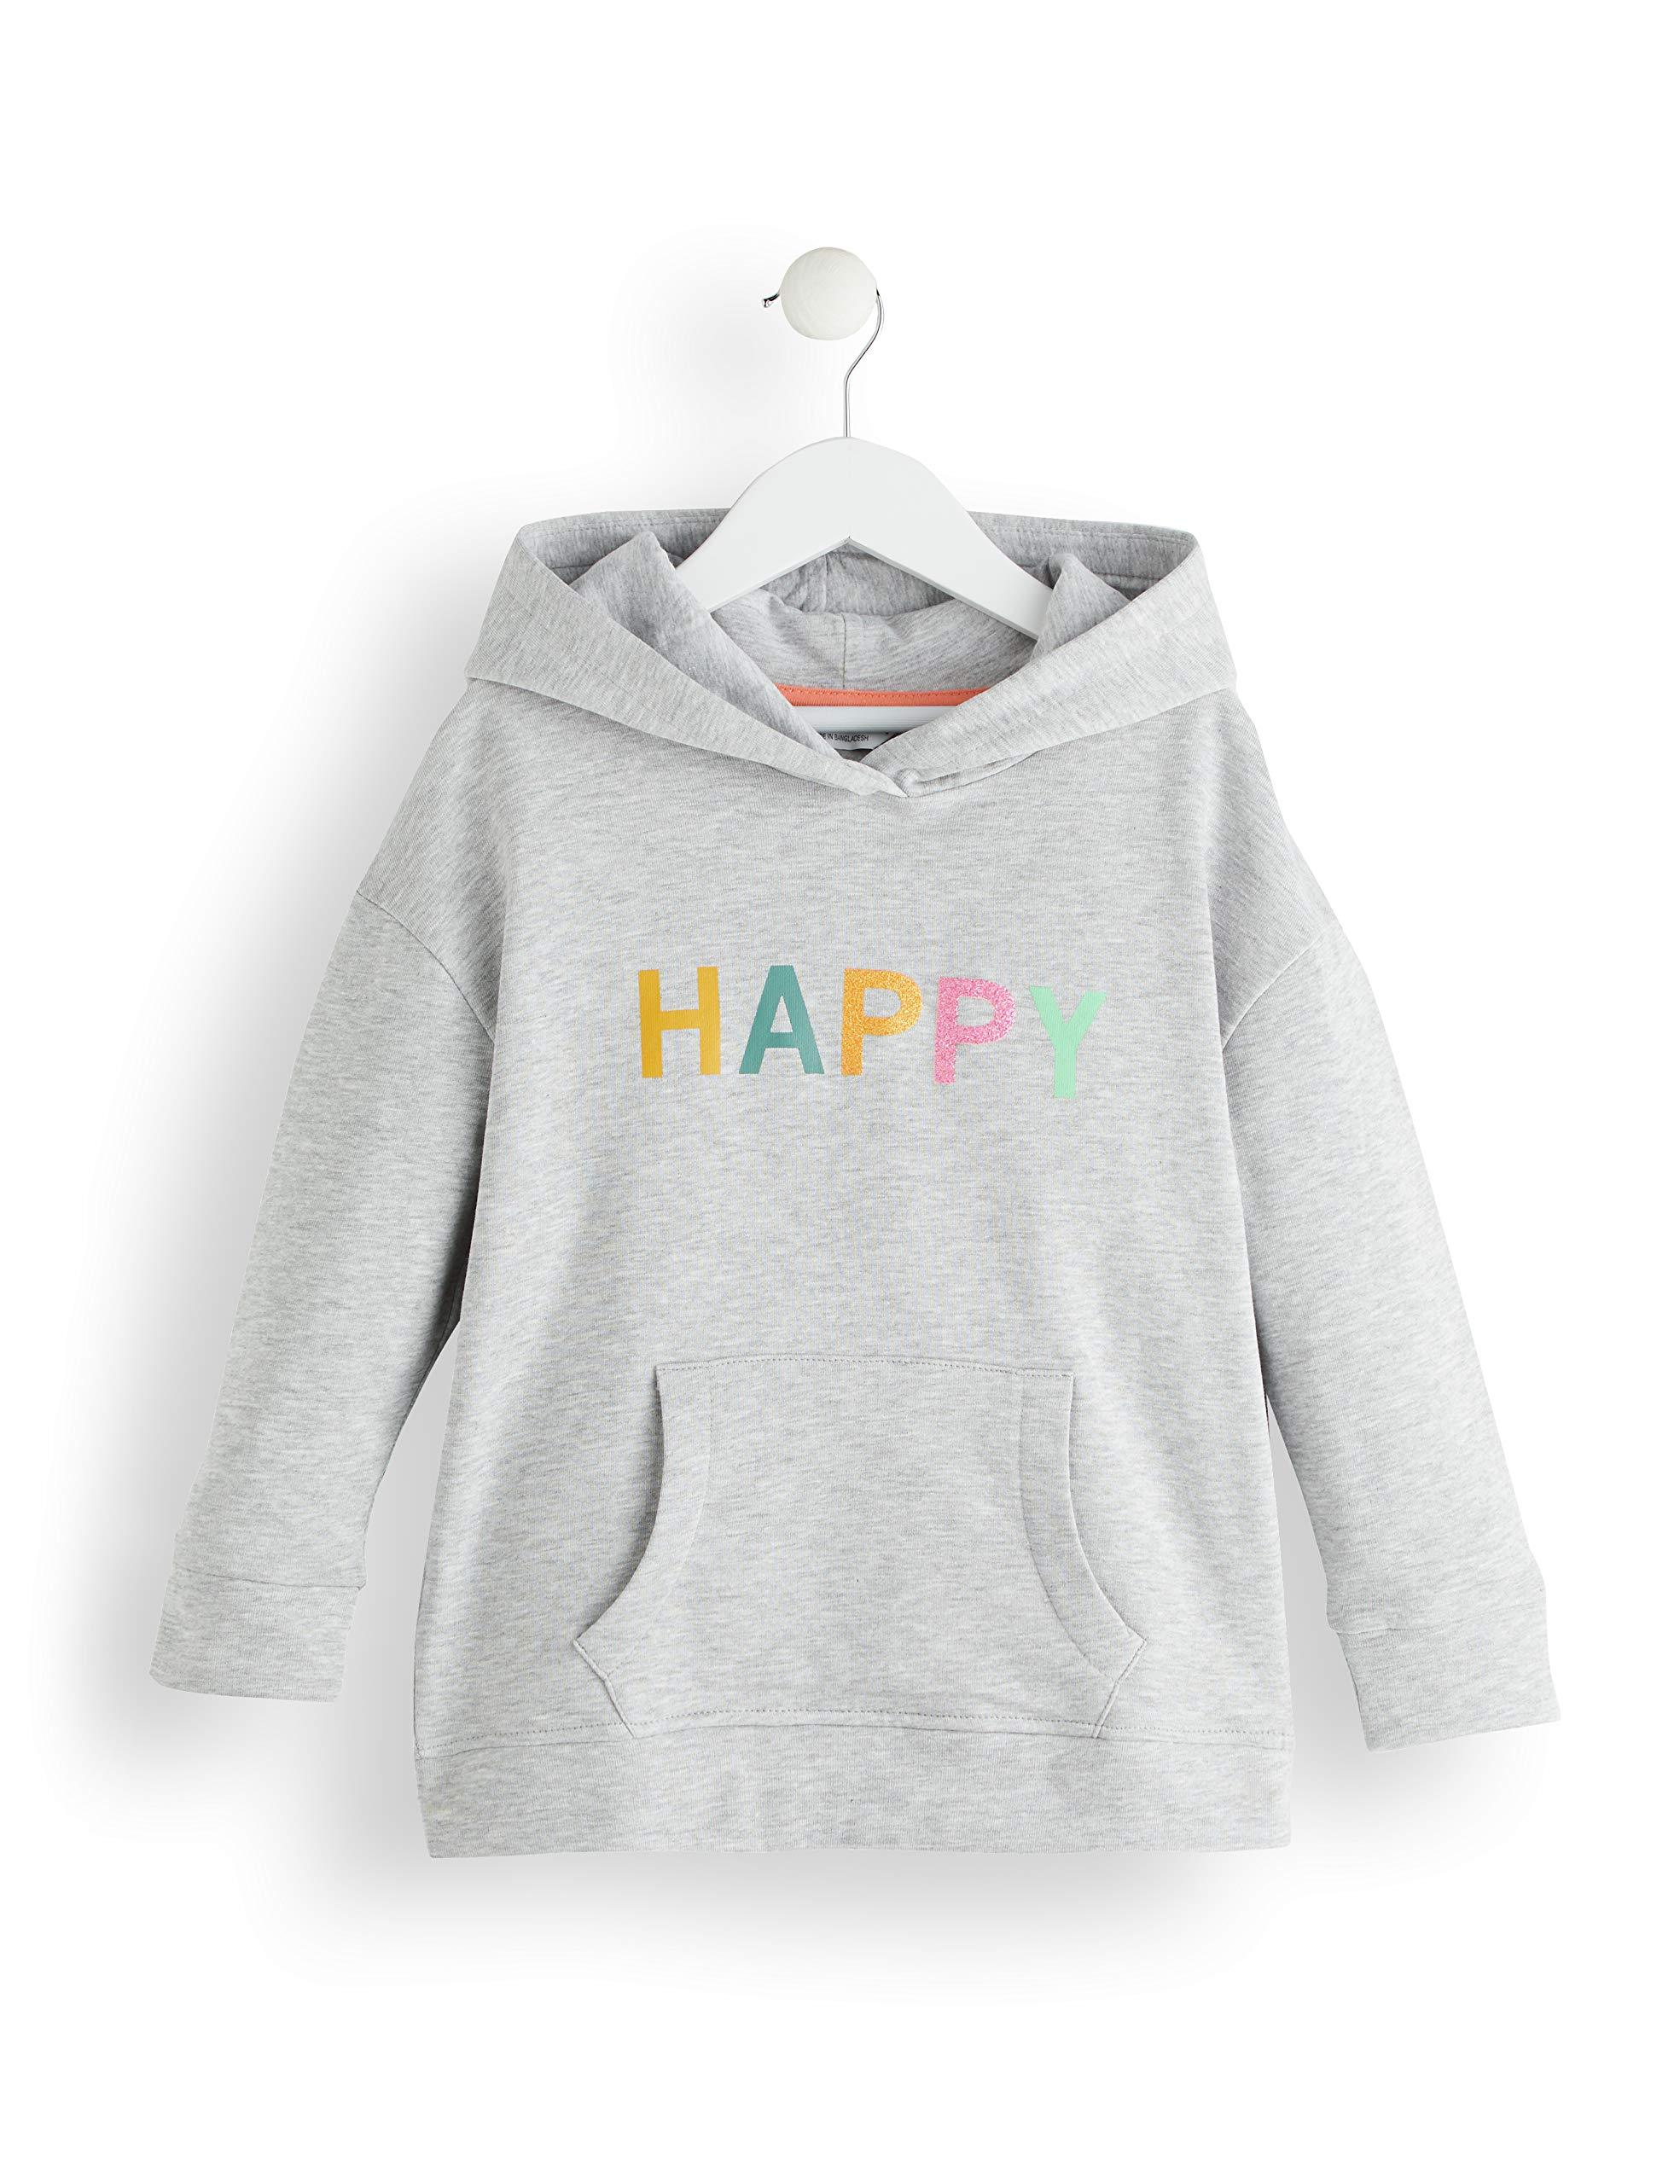 Am besten bewertete Produkte in der Kategorie Sweatshirts